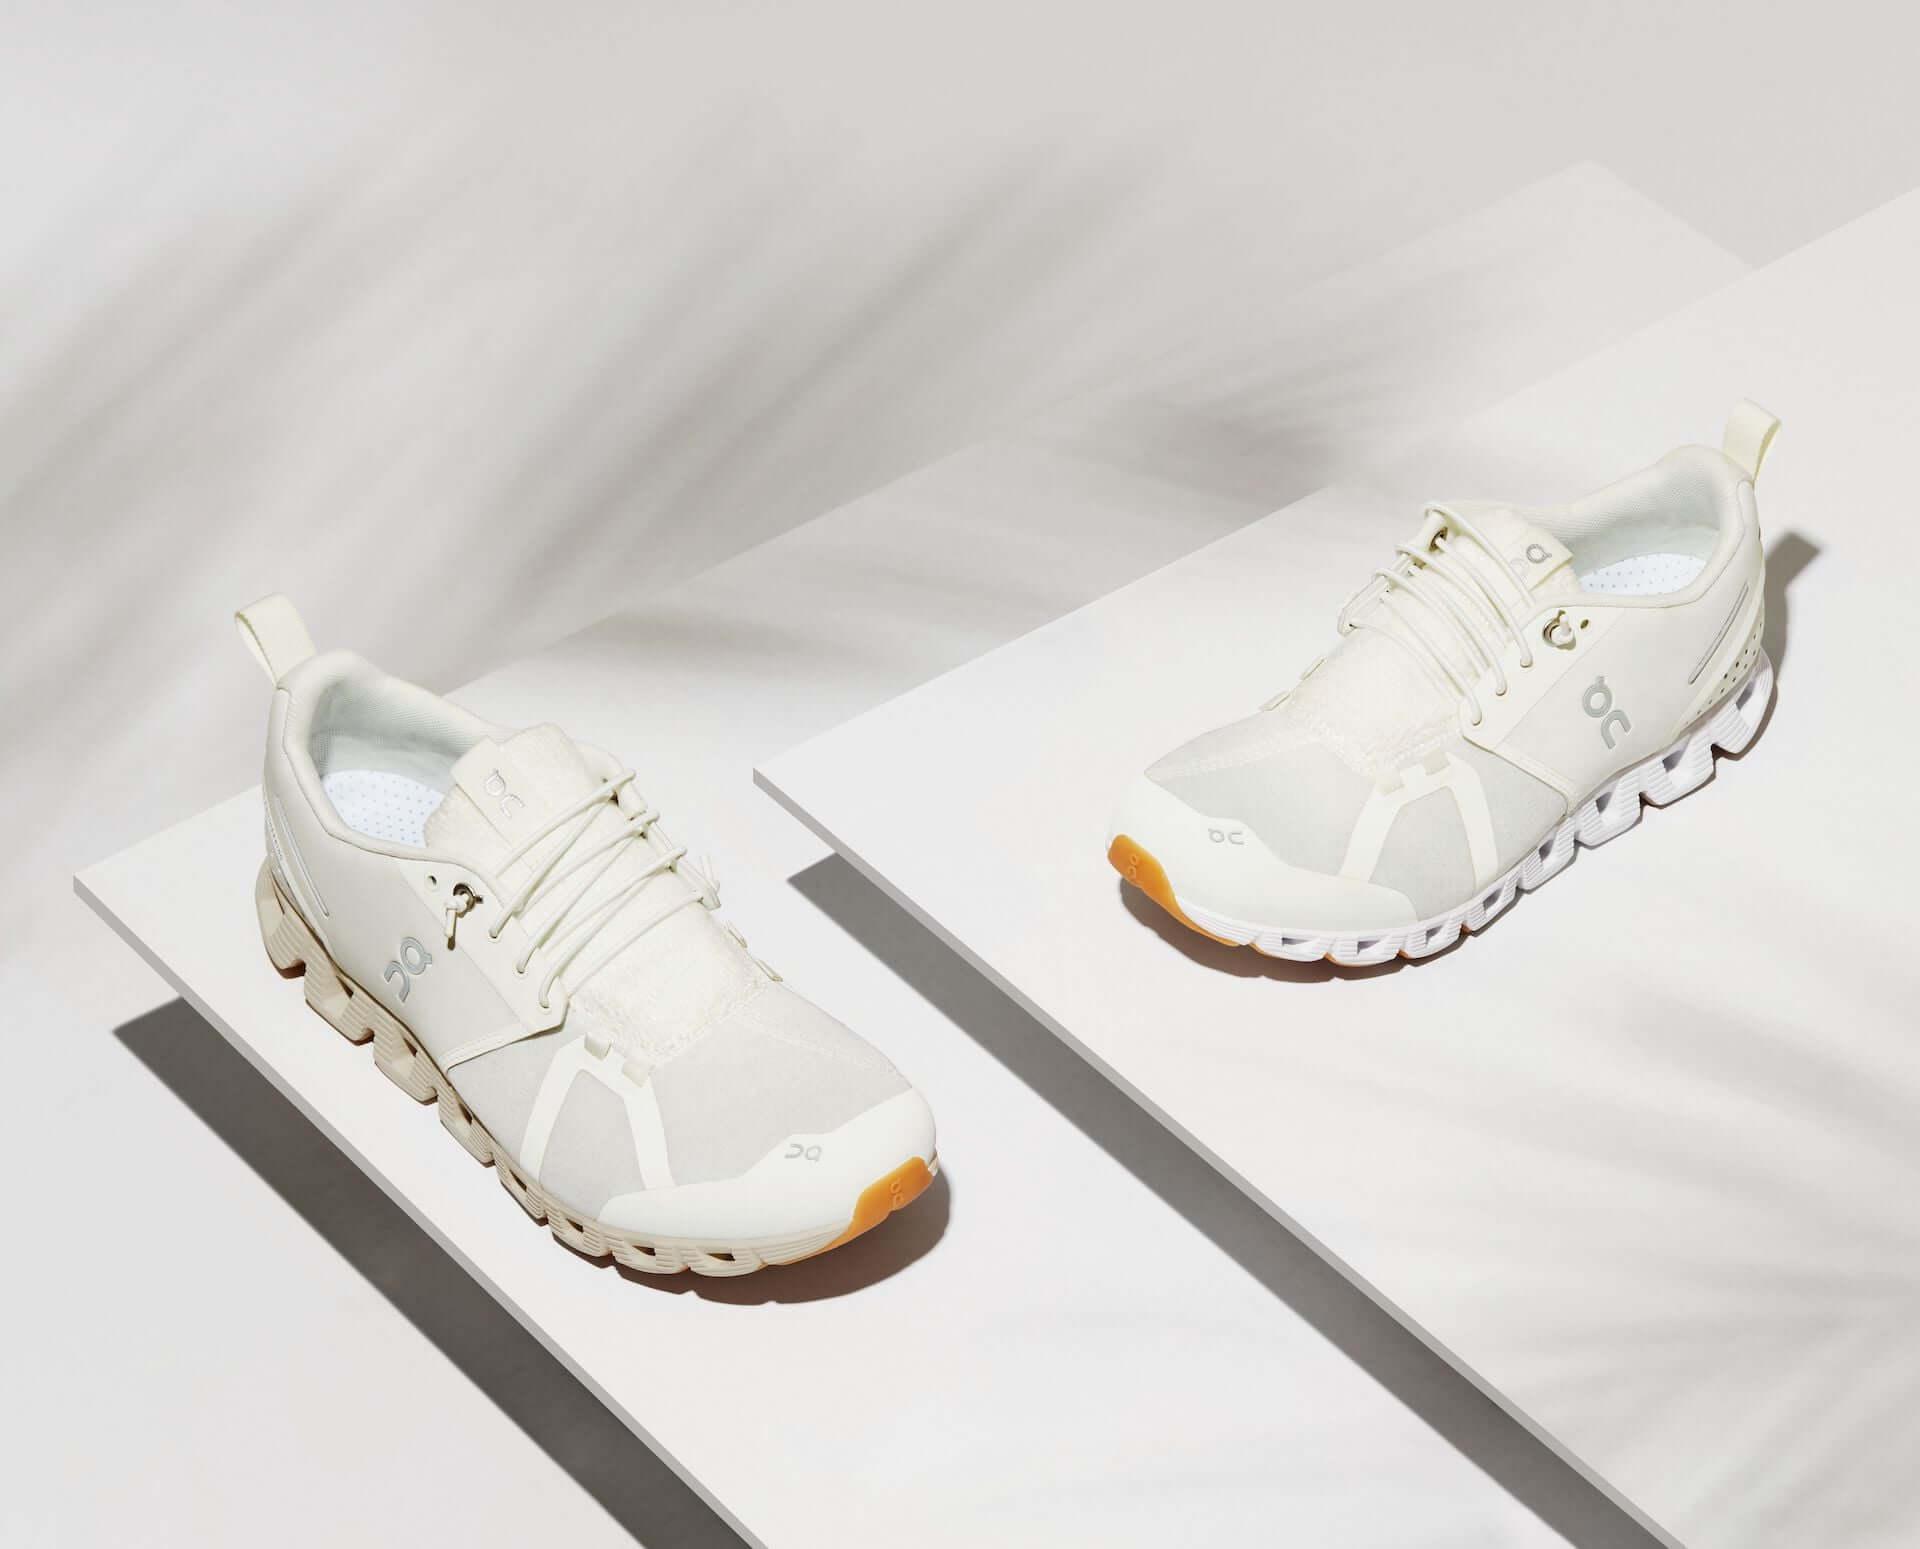 スイスのスポーツブランド「On」から、シックなモノトーンカラーの『Cloud Terry』が新登場! lf200521_cloudterry_03-1920x1549